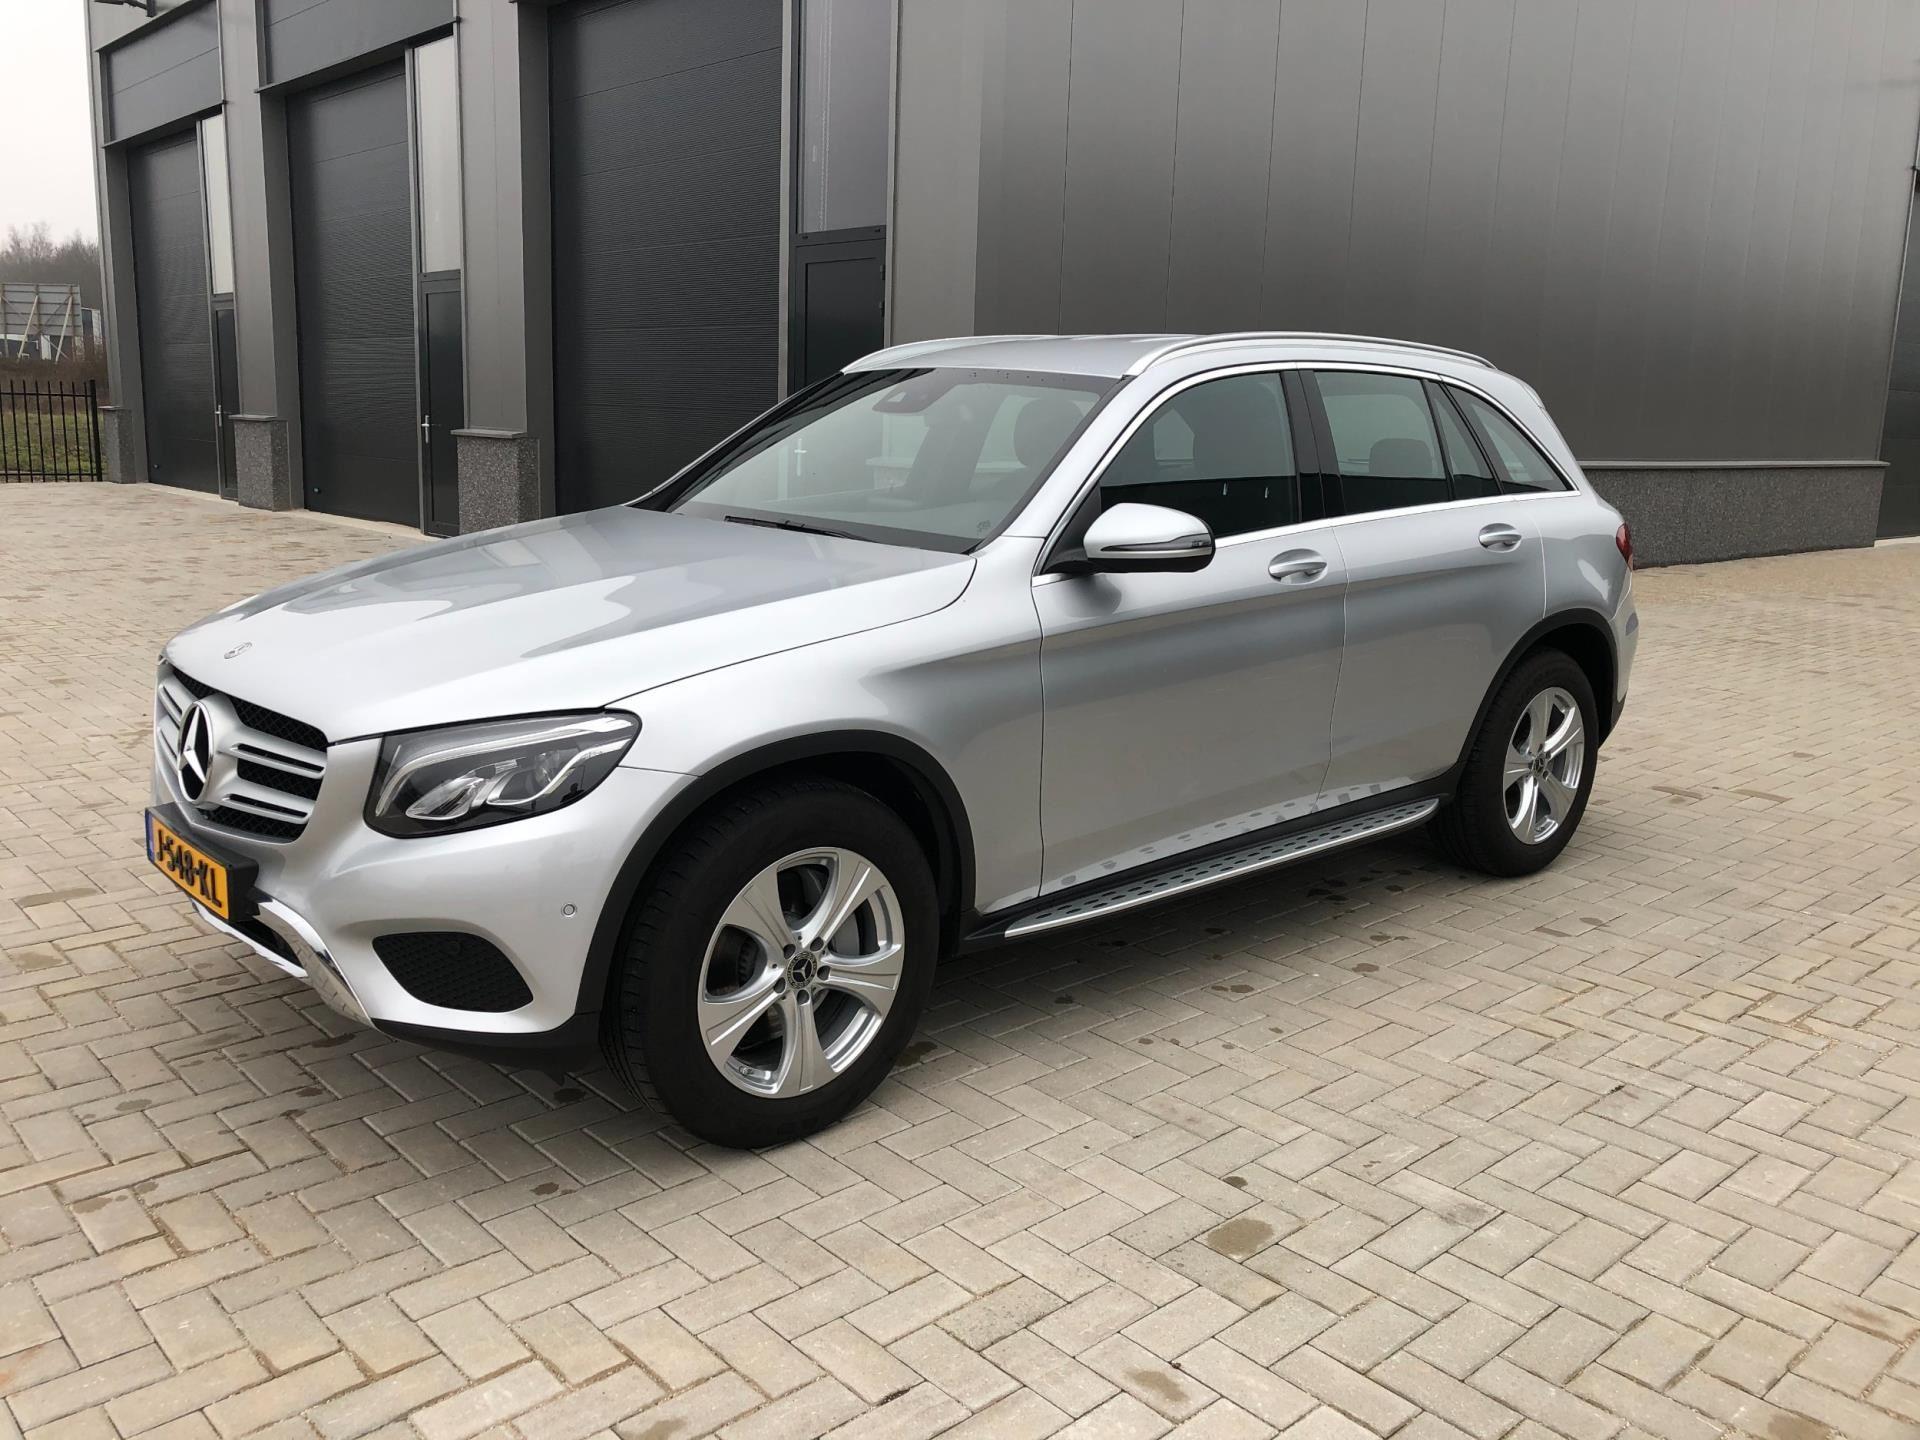 Mercedes-Benz GLC-klasse occasion - Autobedrijf de Ren